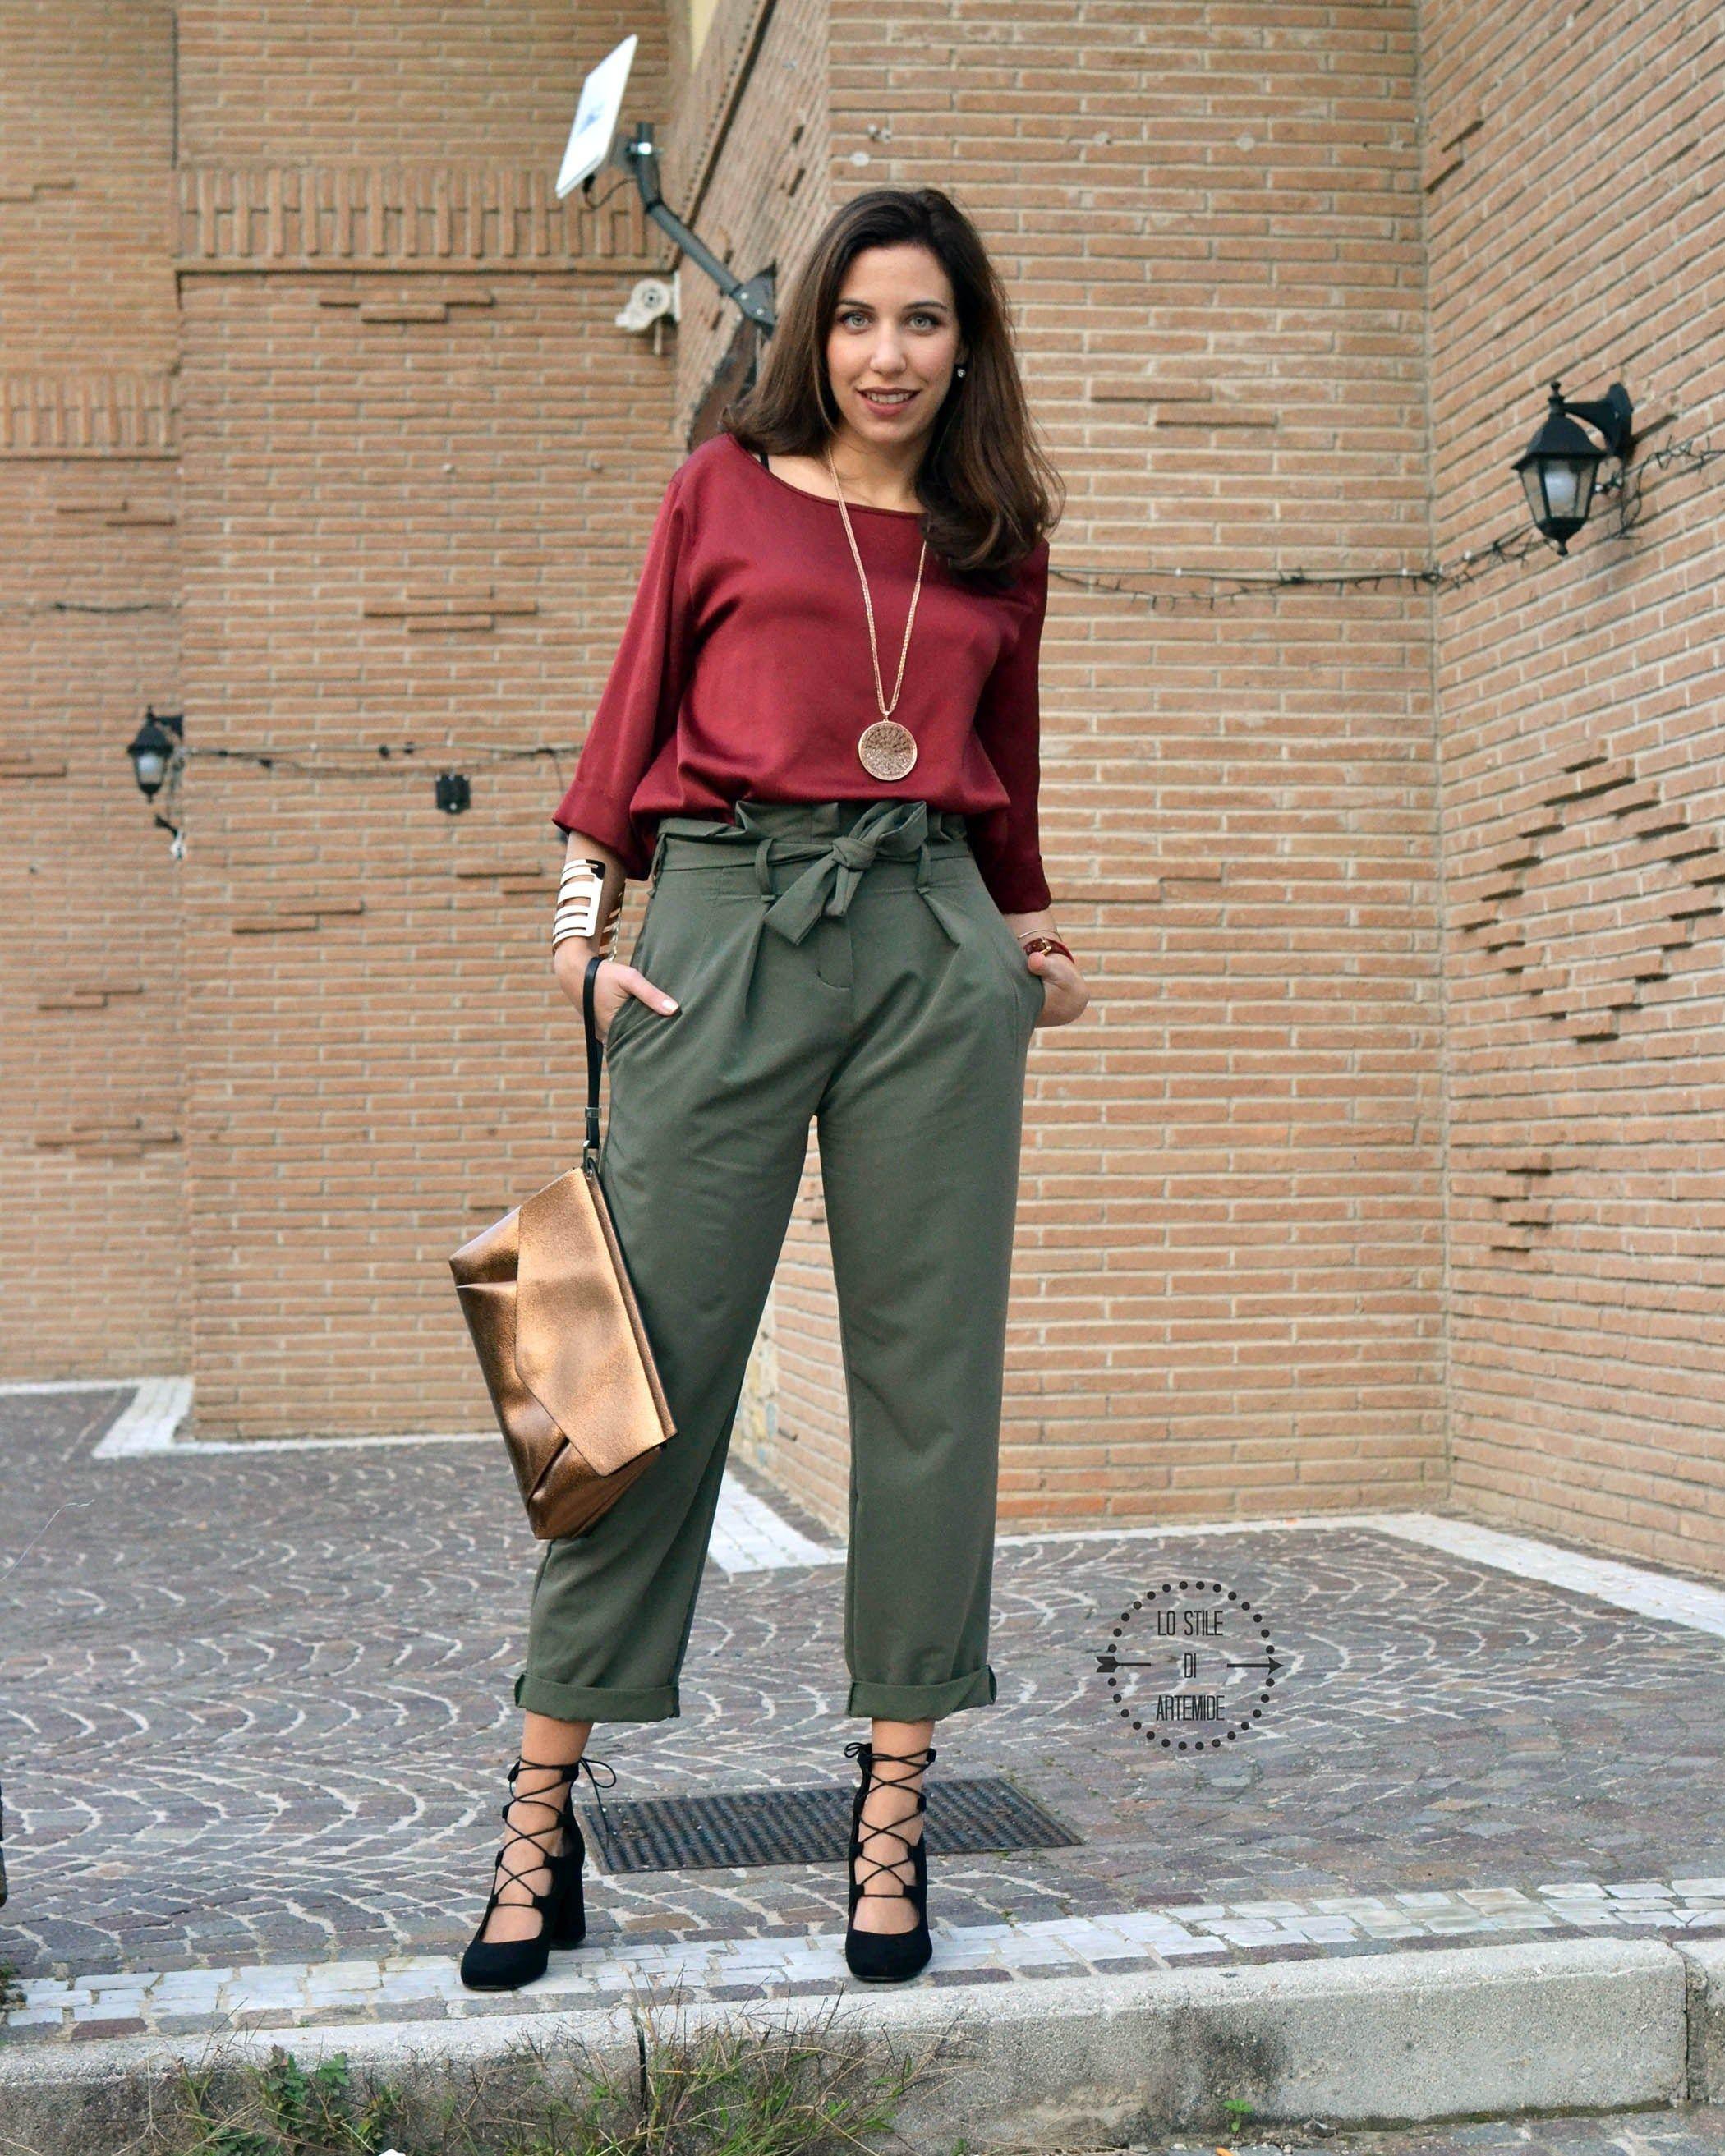 e1e8deeb4a9388 Pantaloni vita alta e decolletè con lacci, un outfit autunnale firmato Zuiki  e Bata Shoes